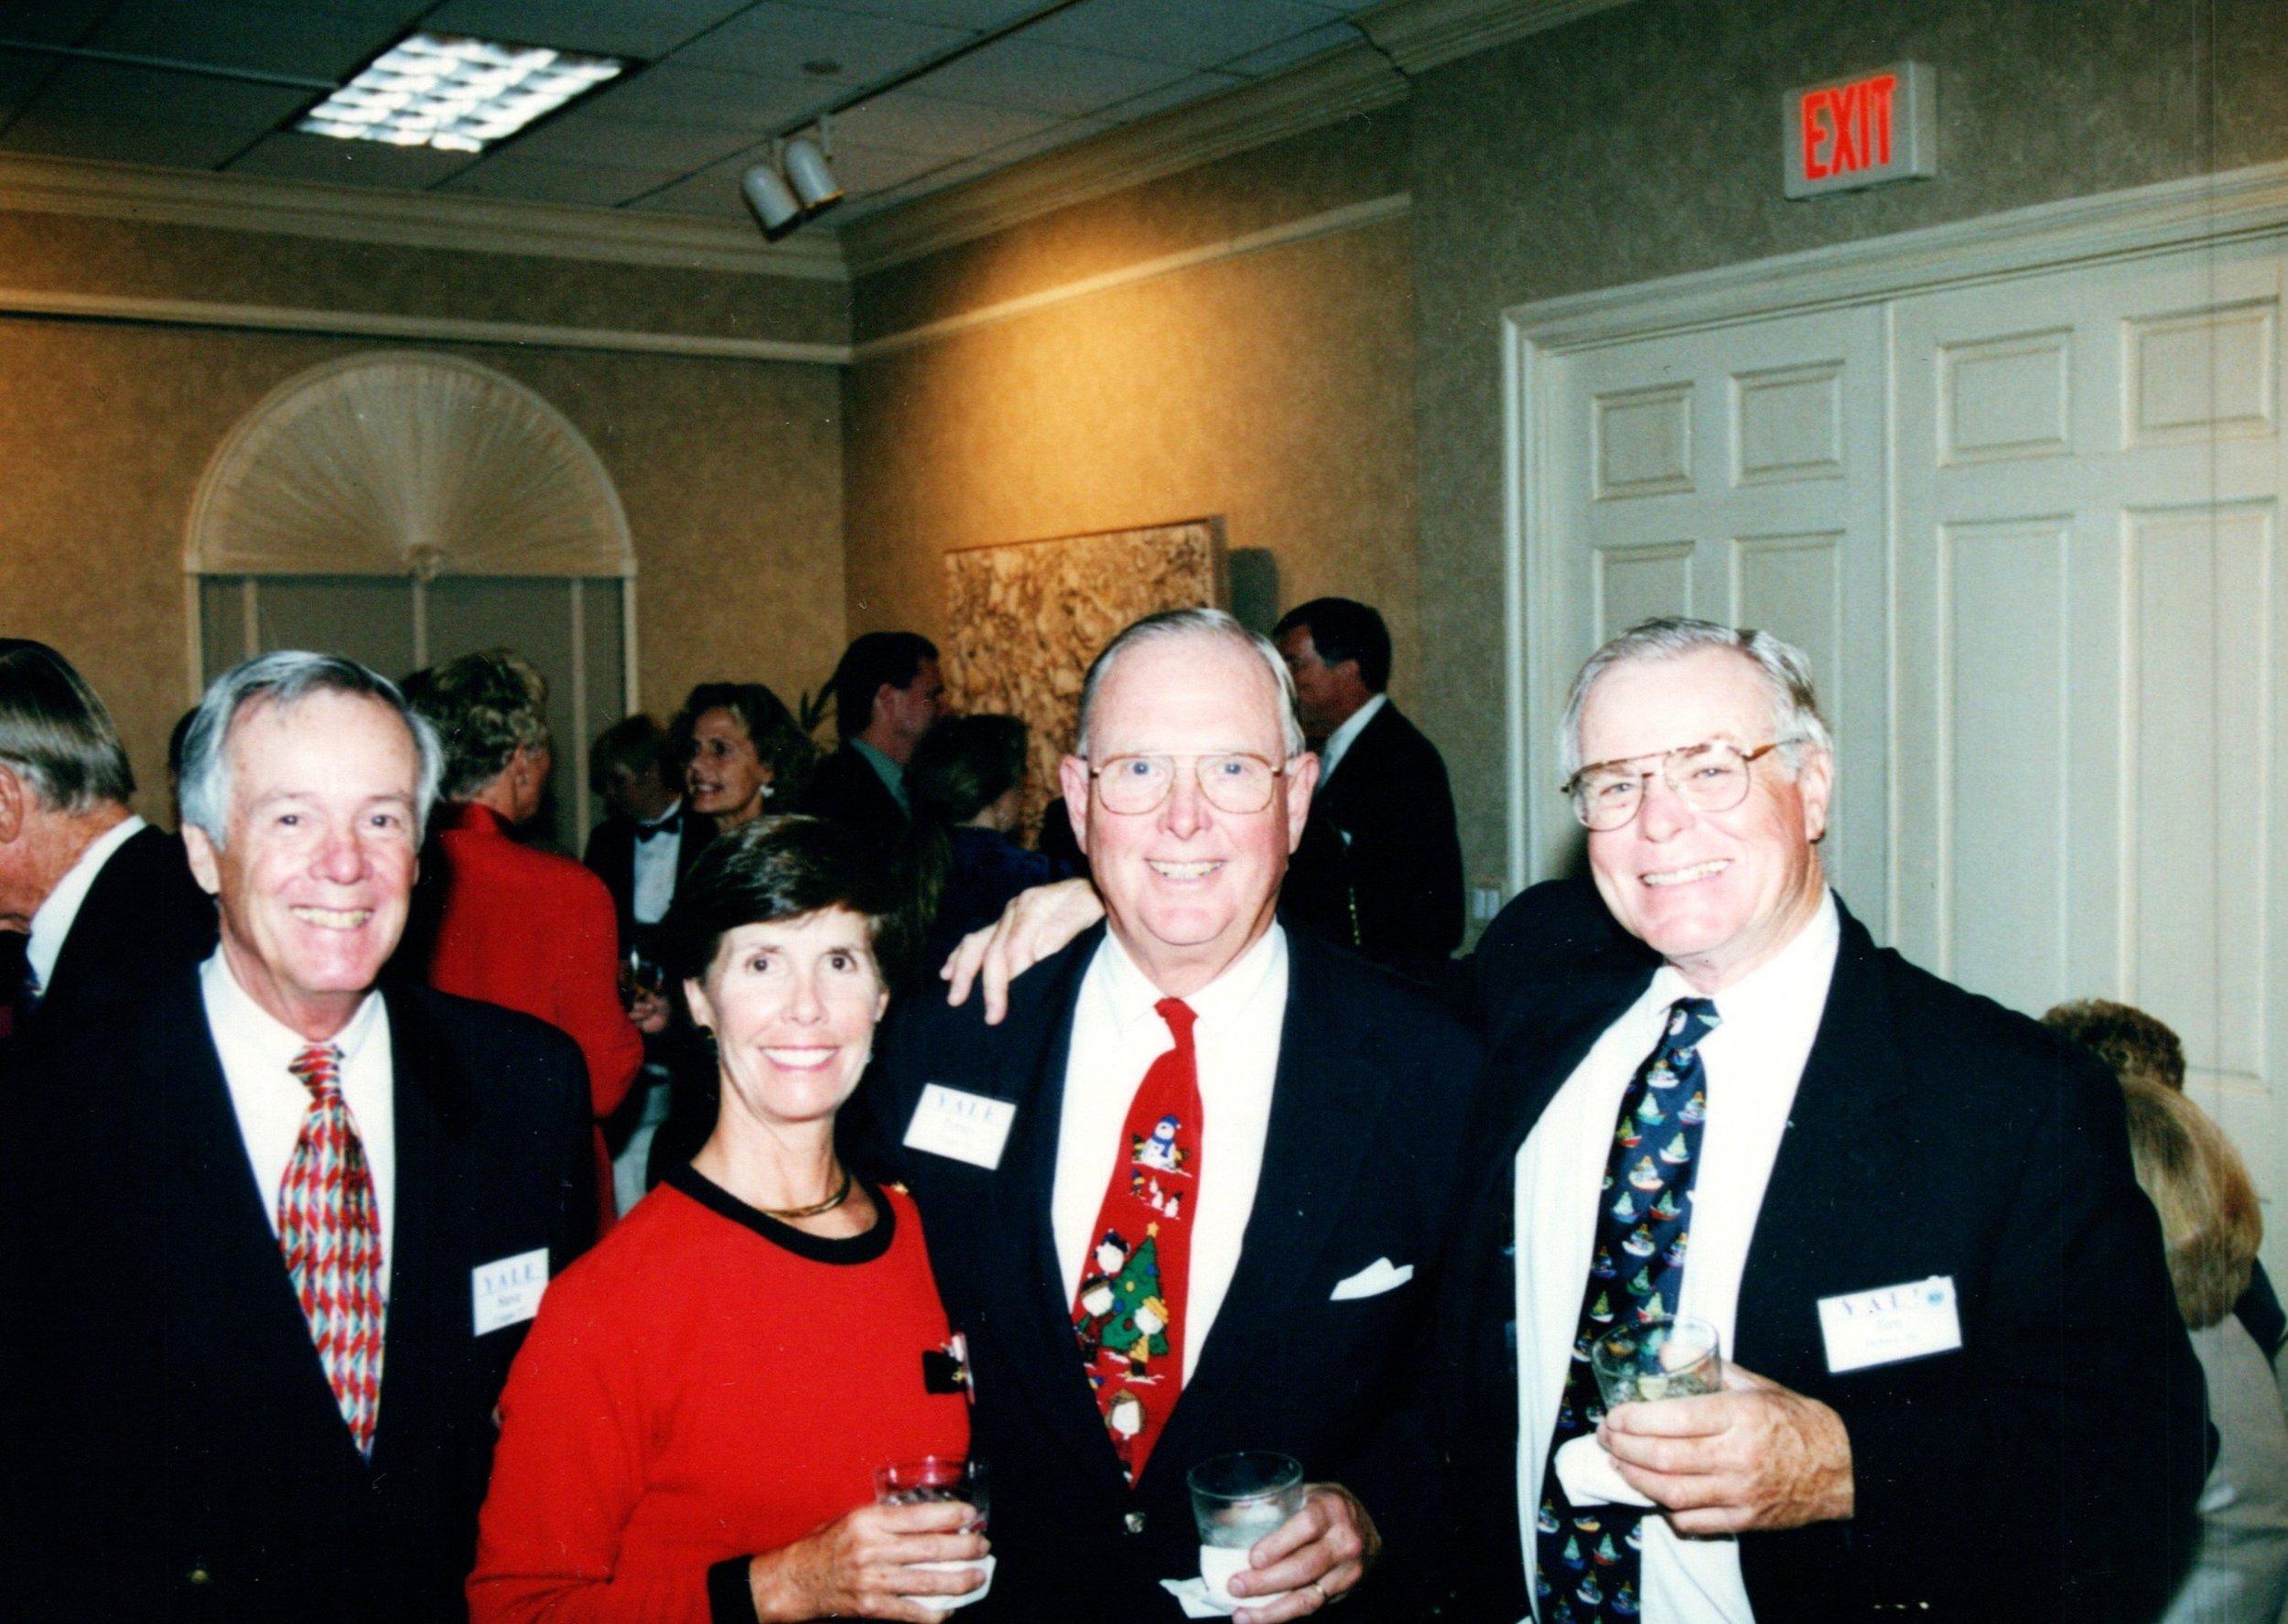 STEVE COLGATE, SALLY BROWN, TORREY FOSTER, JIM BROWN